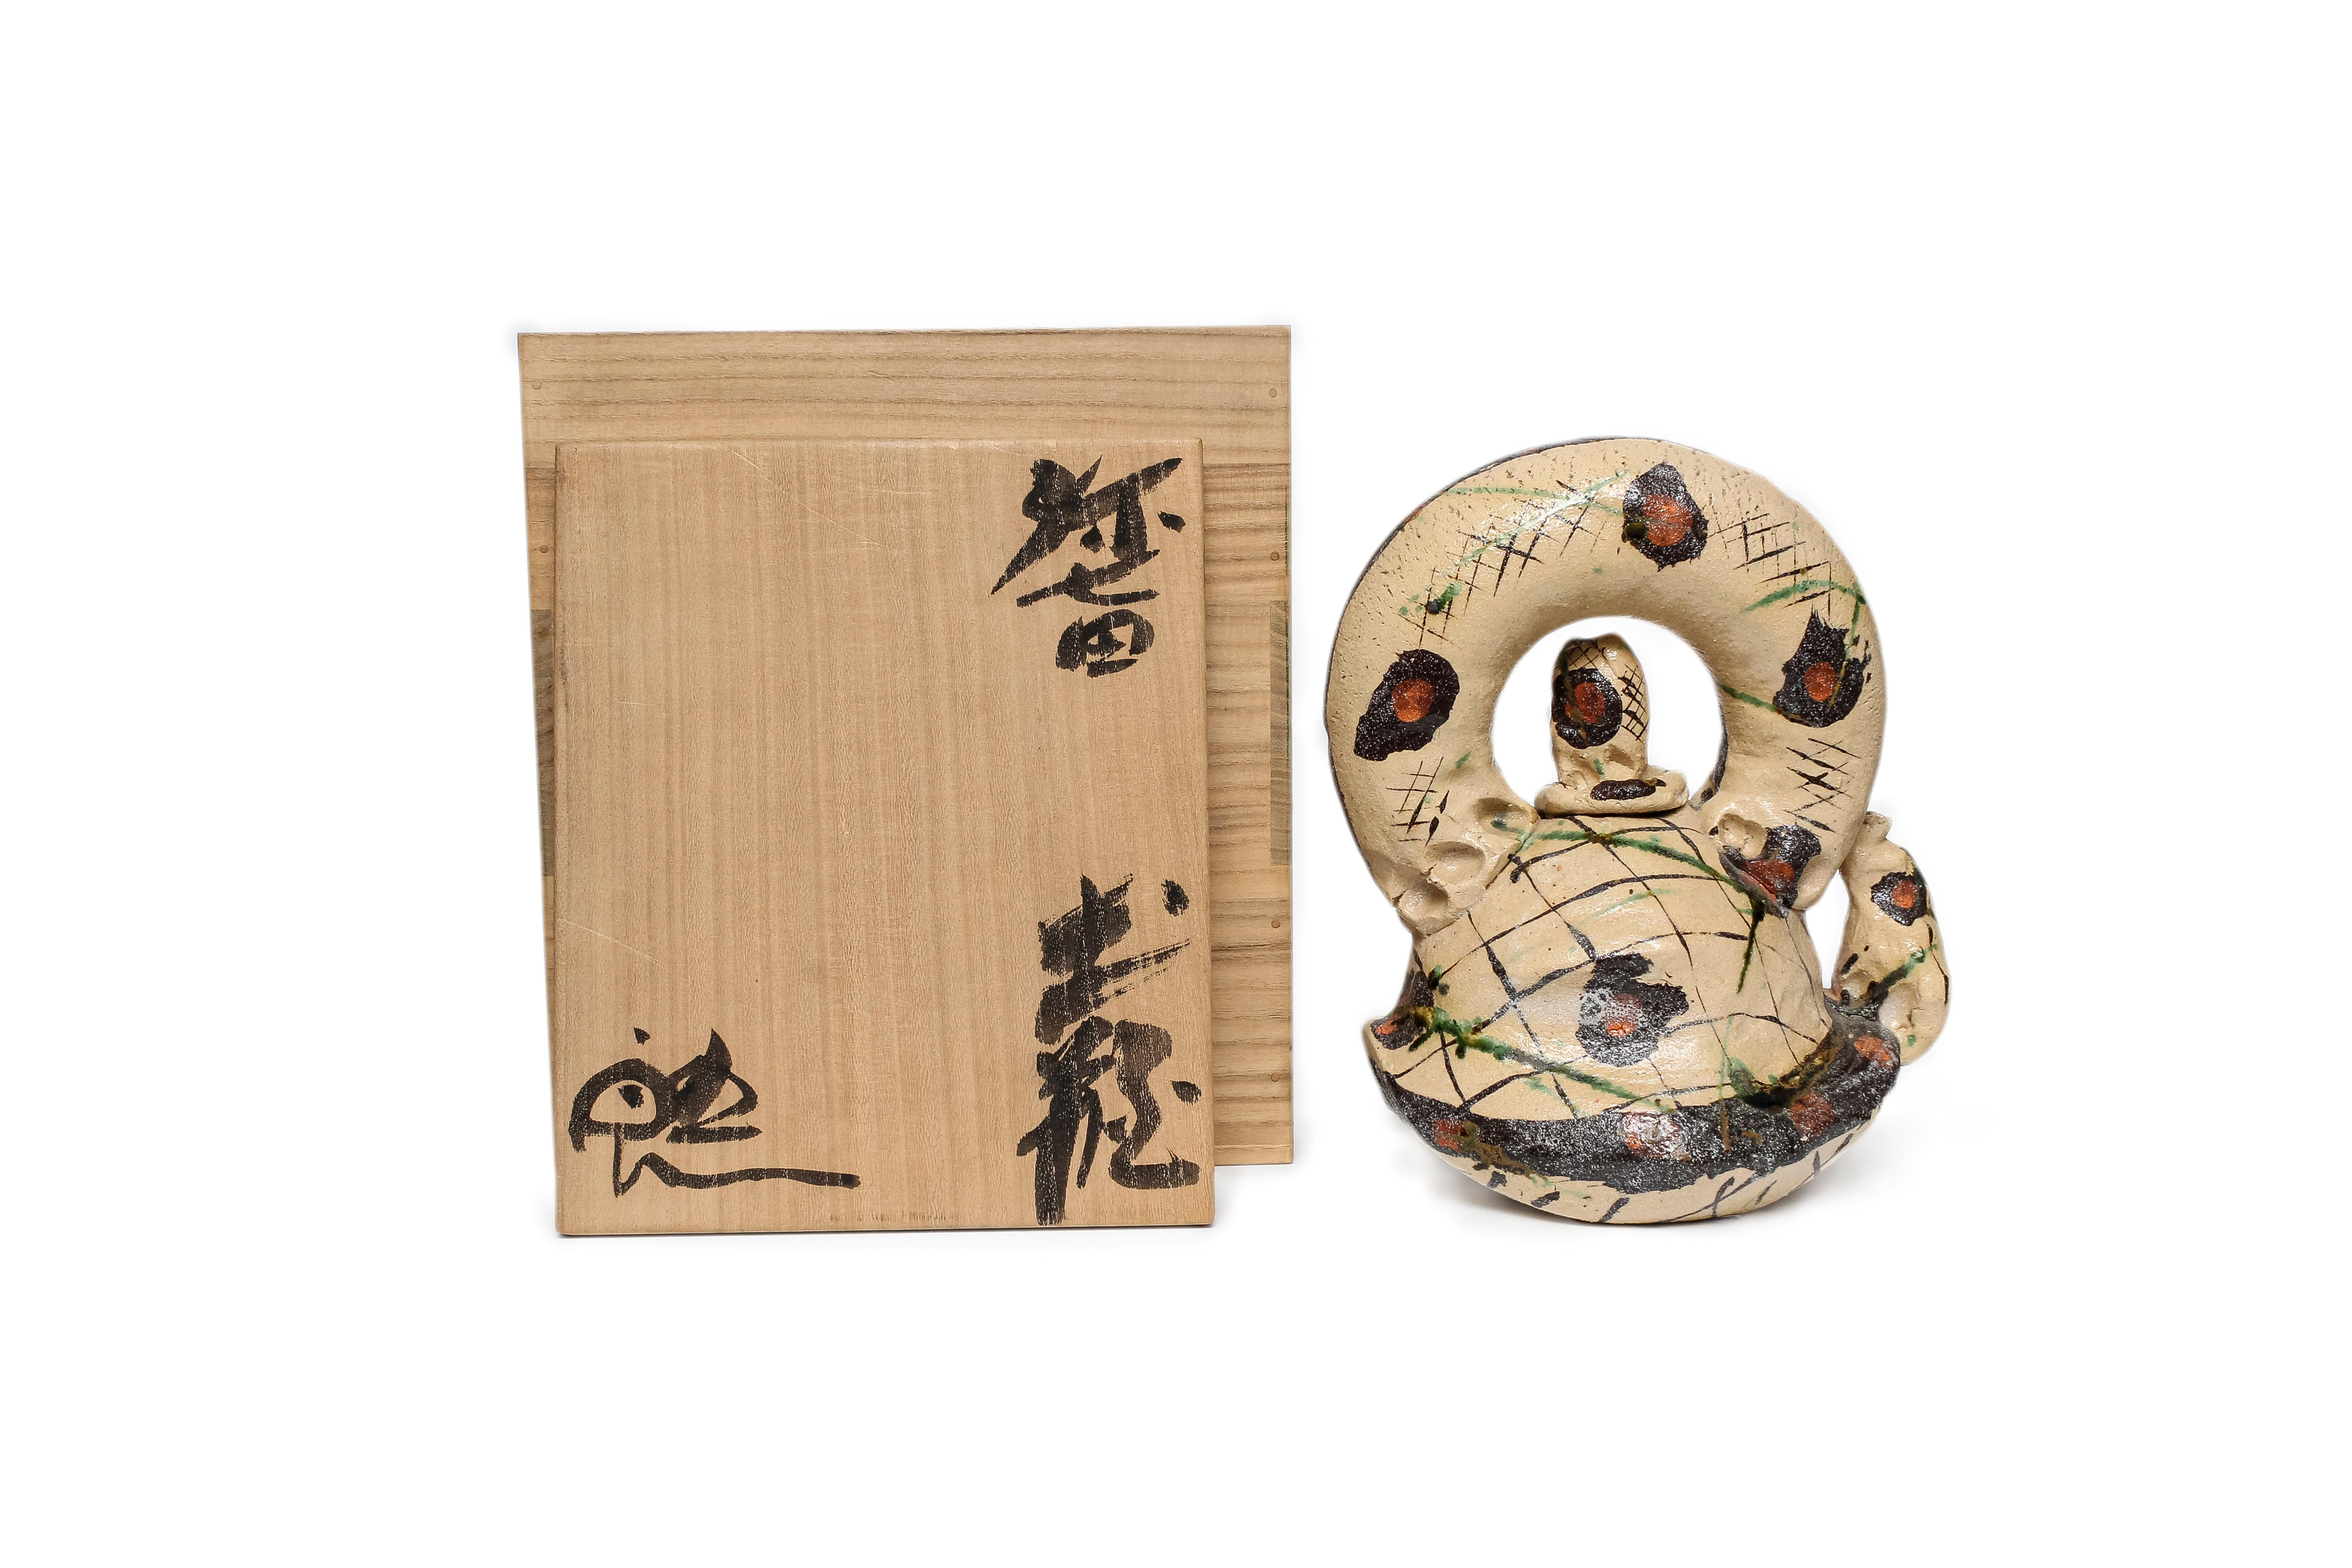 Untitled teapot by Suzuki Goro